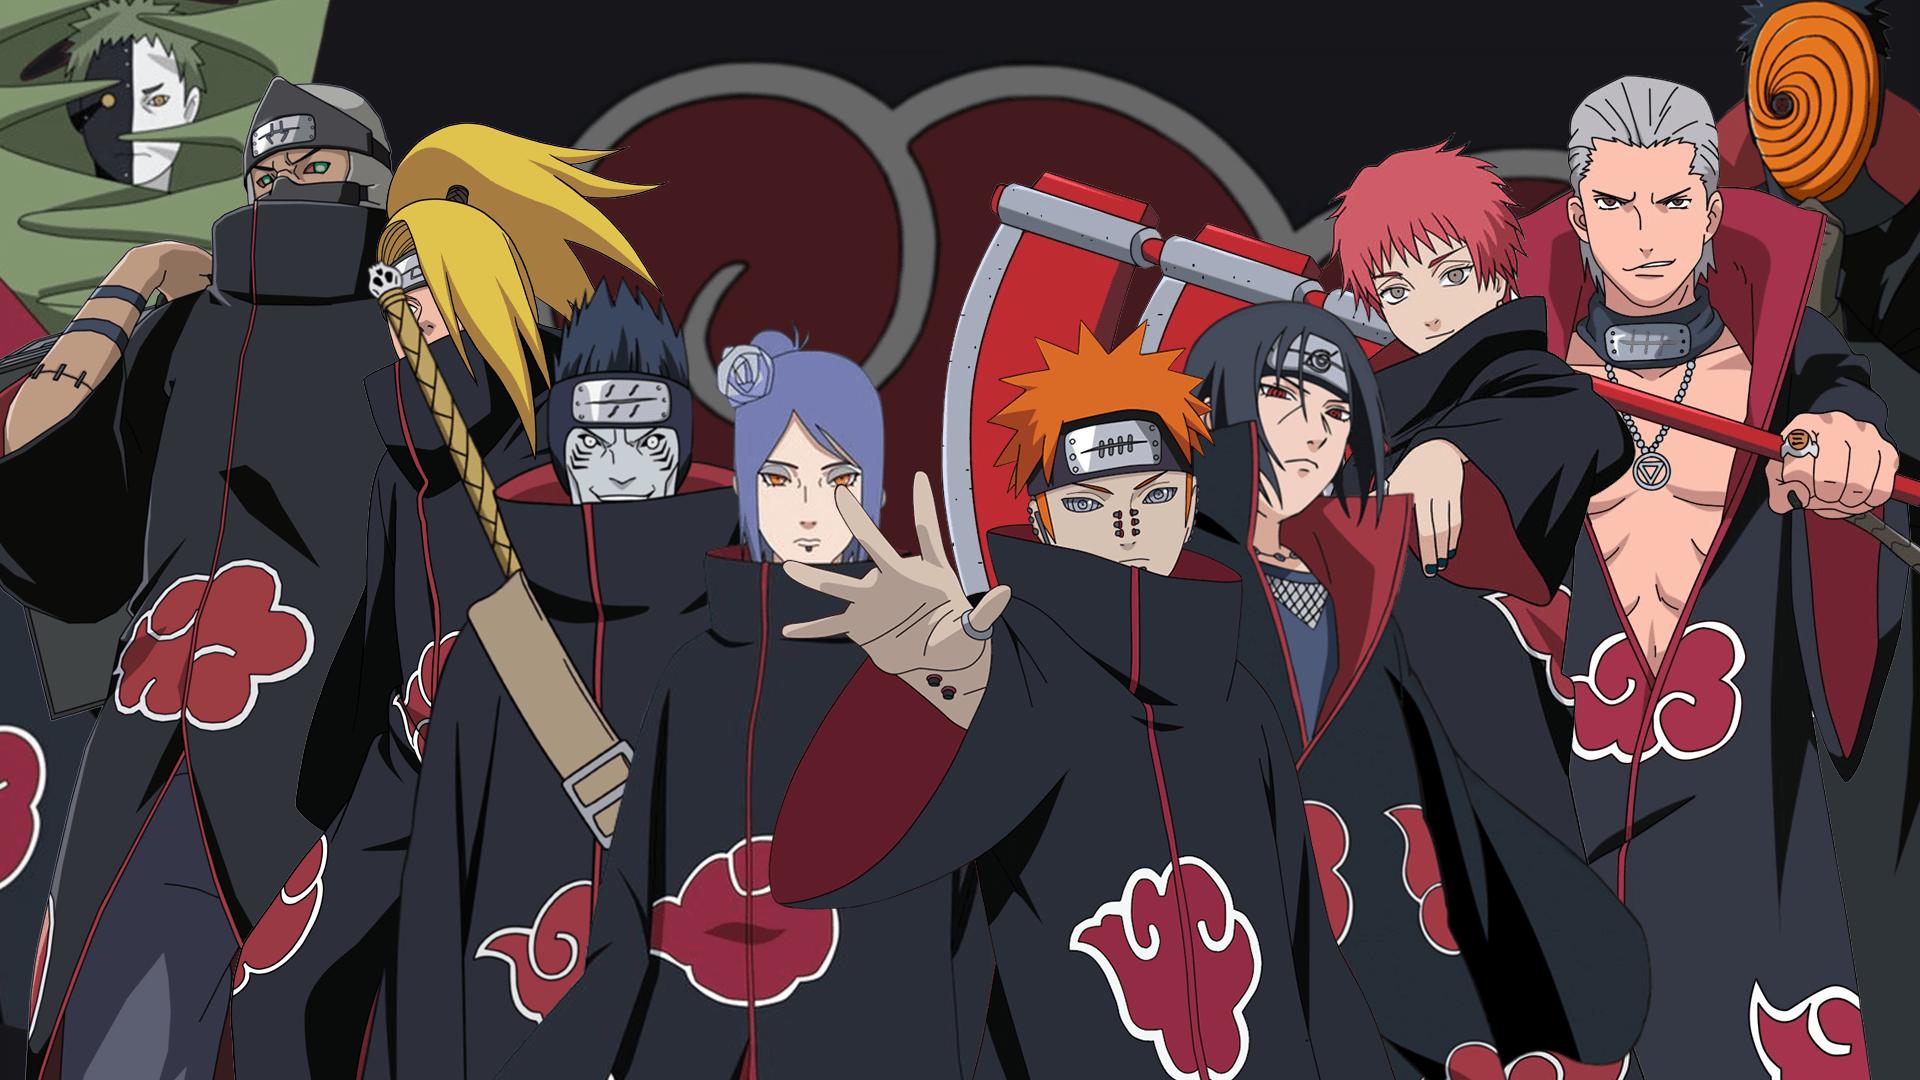 Dari Nukenin Sampai Sannin, Inilah Tingkatan Ninja Tidak Resmi di Dunia Naruto 3